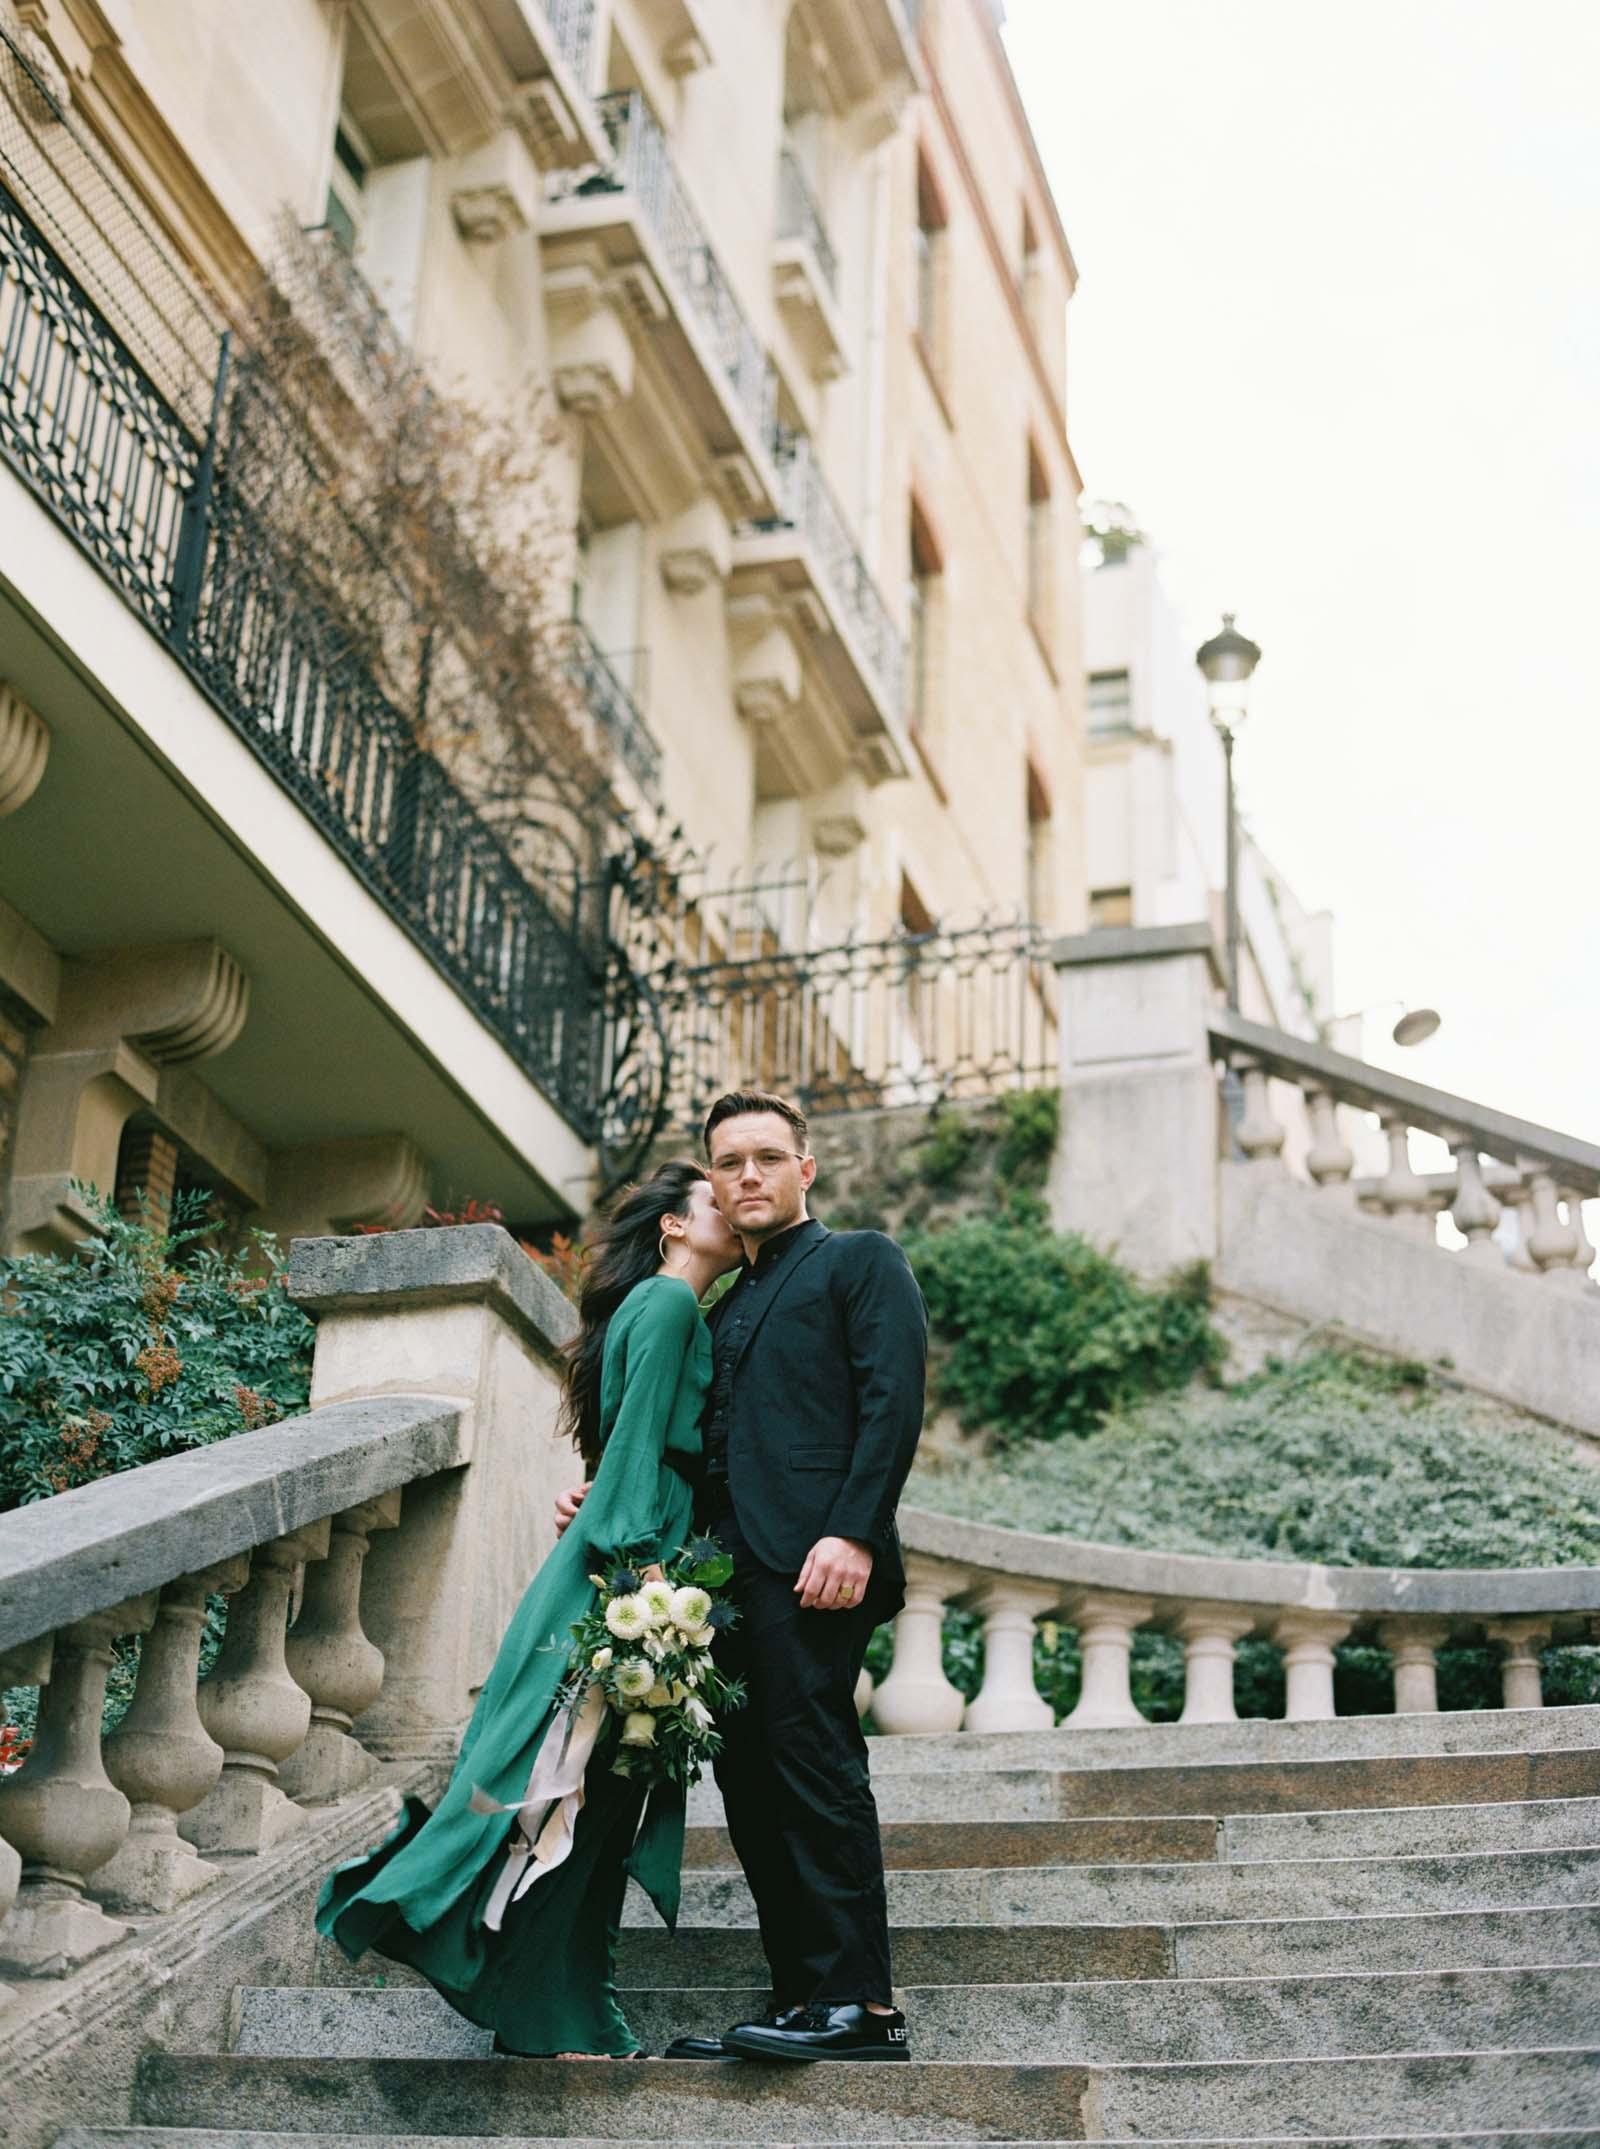 Romantic Engagement Photos - Paris, France - KR Moreno